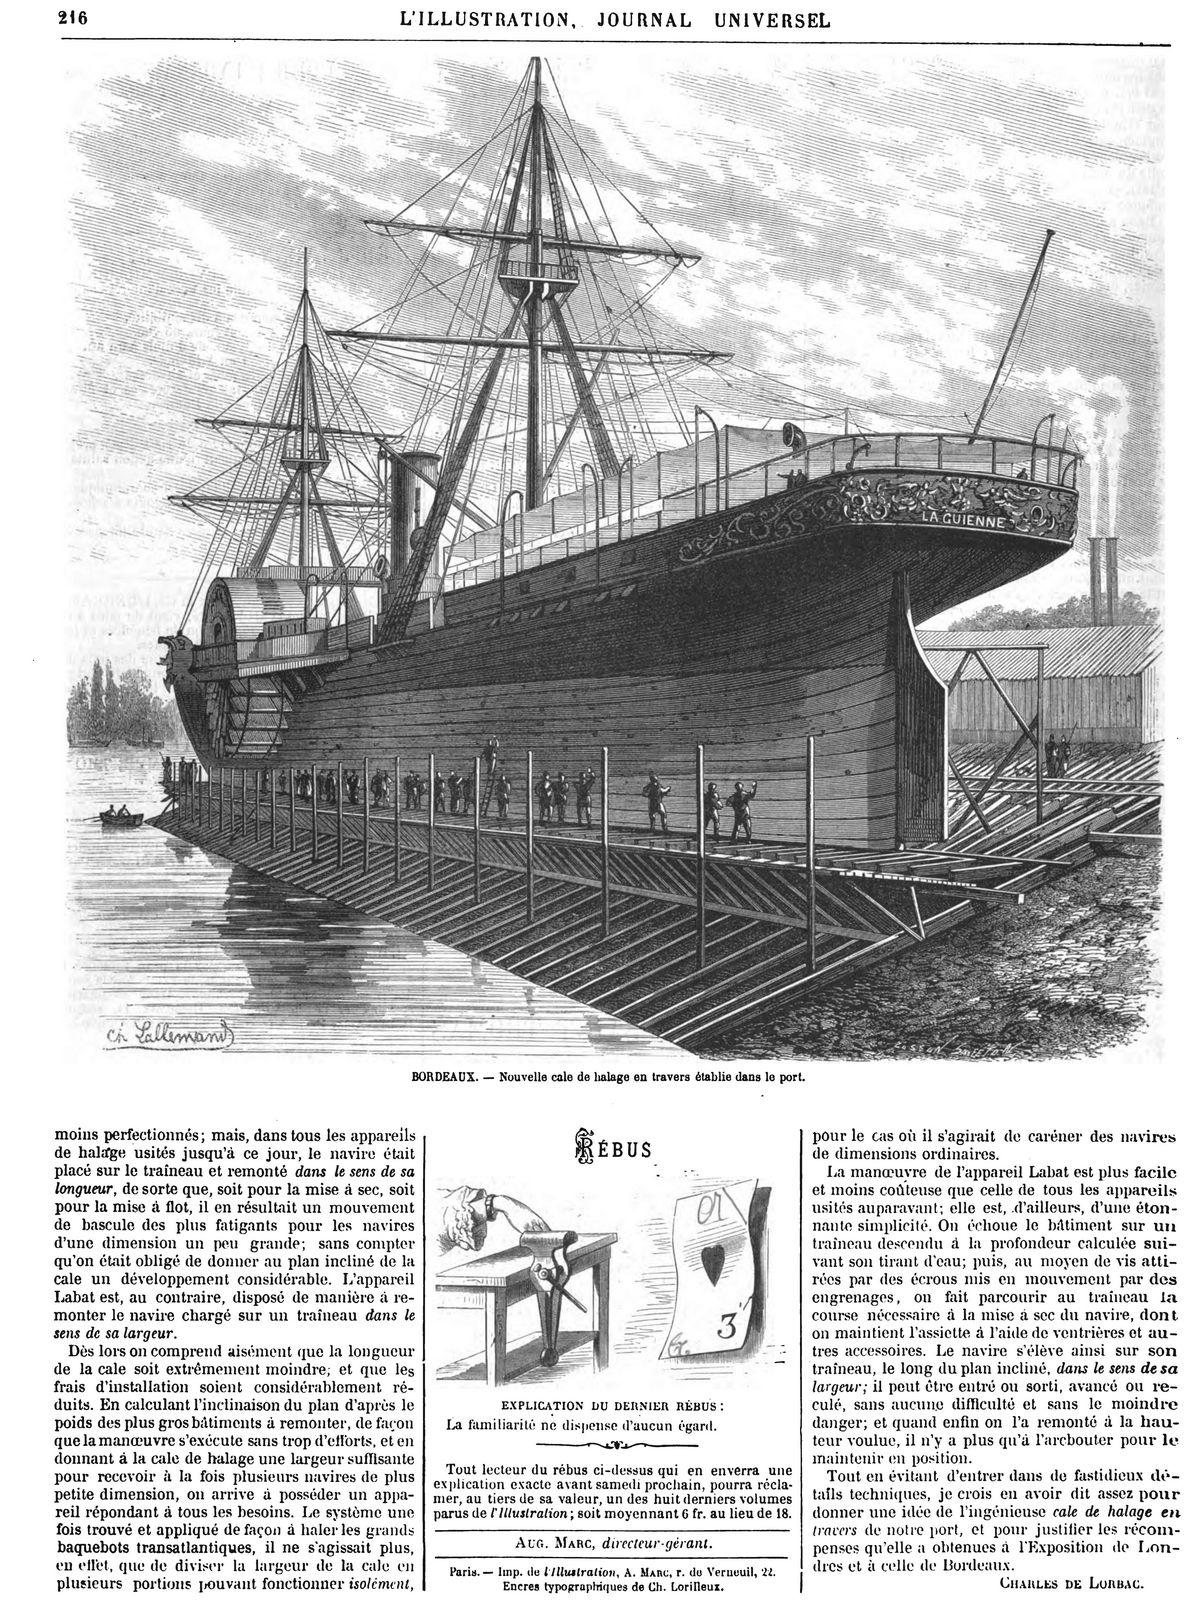 Nouvelle cale de halage en travers établie dans le port de Bordeaux. Gravures 1870